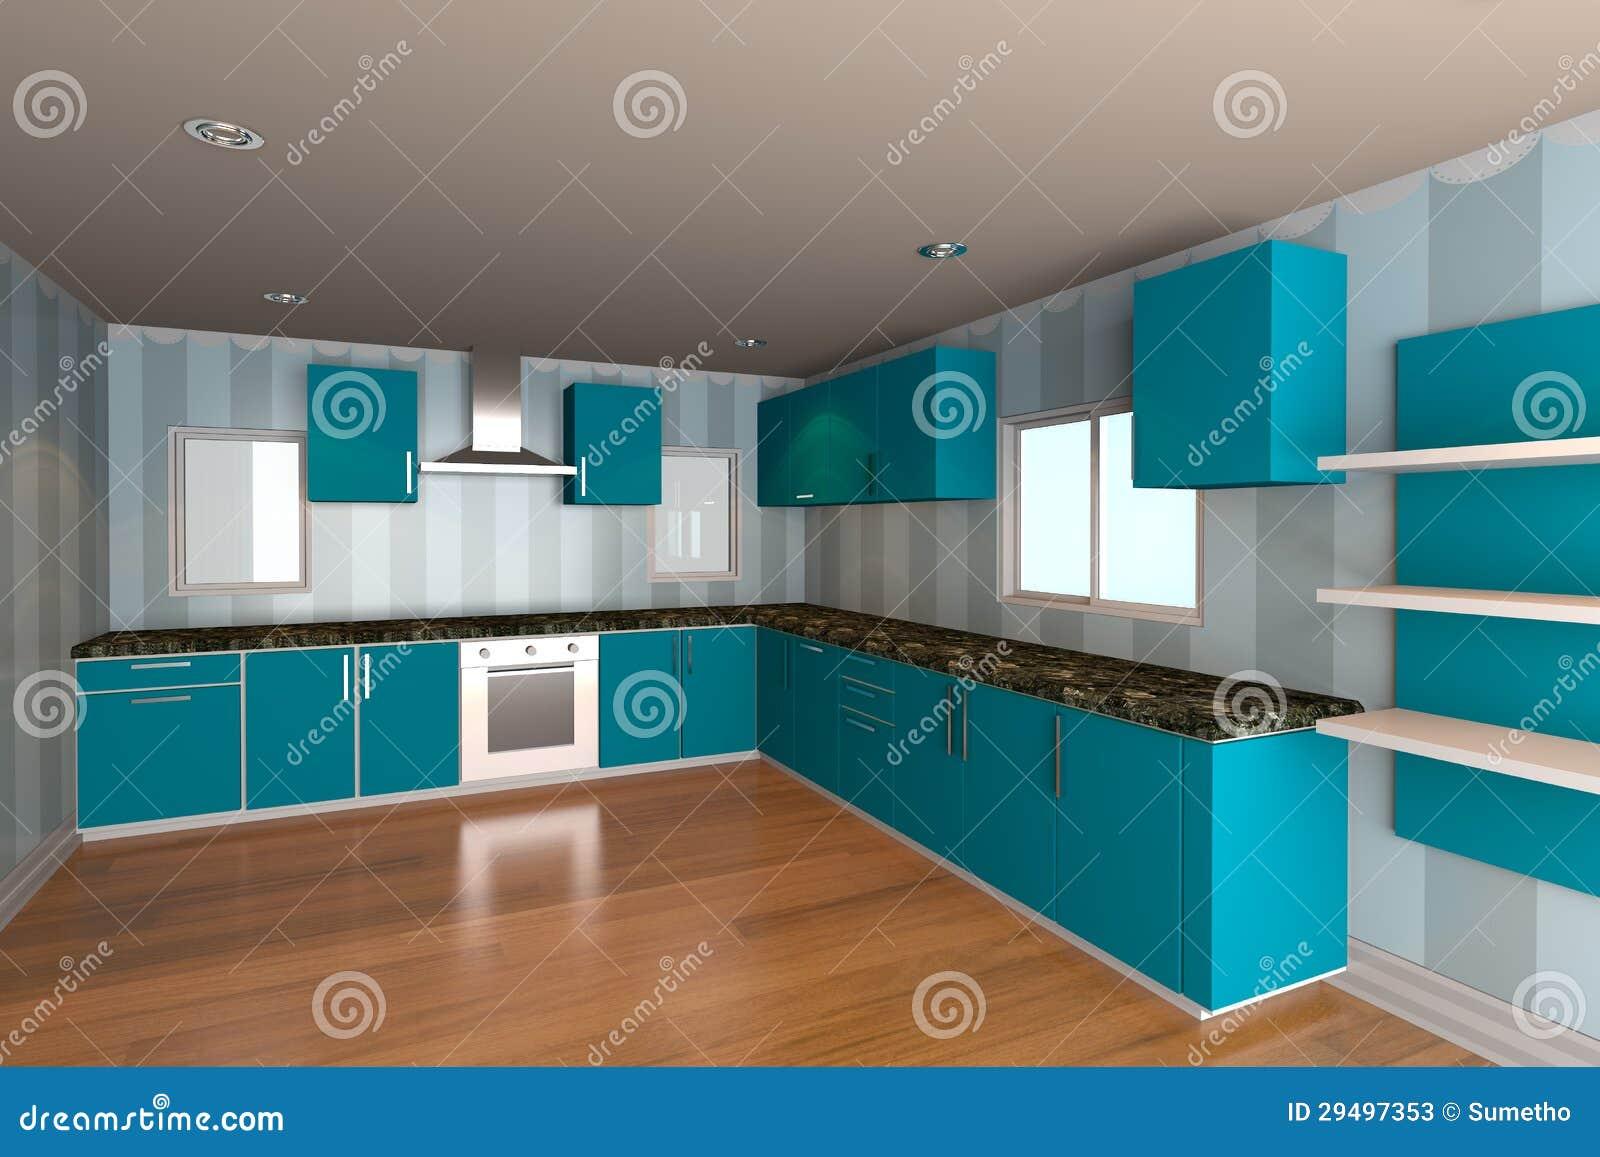 Interior Moderno Da Cozinha Com Luz Papel De Parede Azul Imagem De